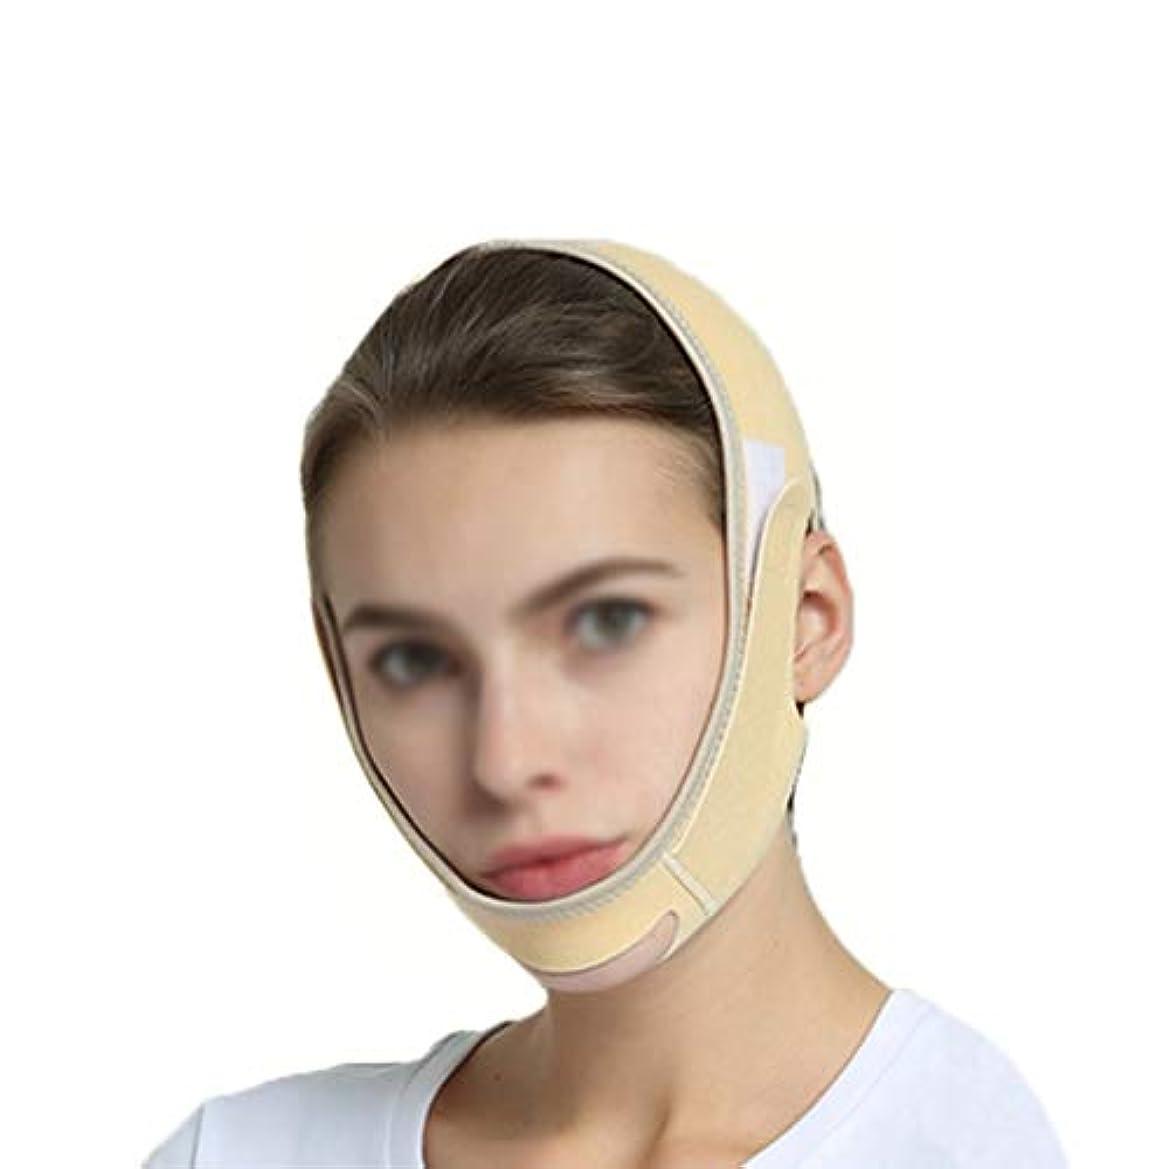 ゼリーポインタ動作薄い顔で眠り、ラインカービング後に包帯を復元し、薄いダブルチンがマスクマスクを持ち上げ、2つのスタイルから選択できます (Color : B)